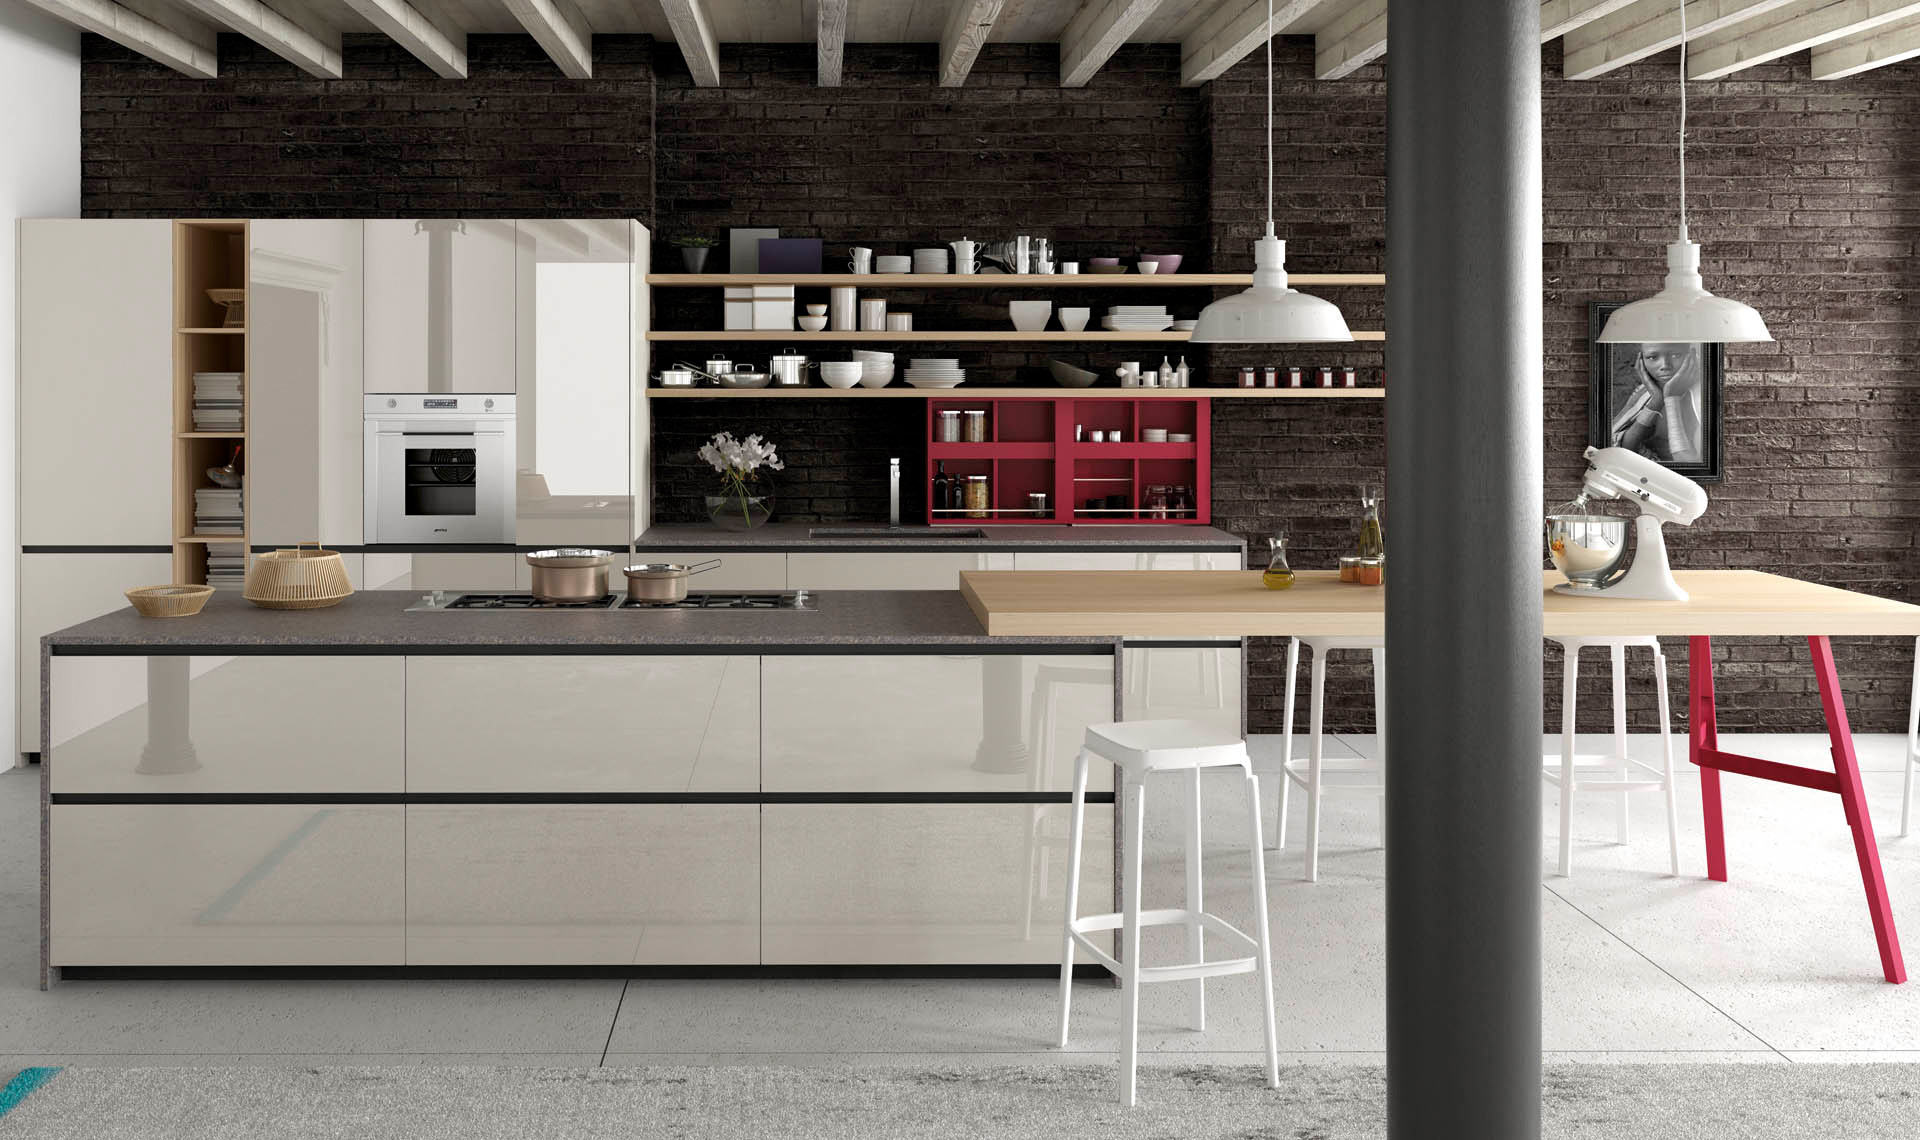 Valdesign realizza cucine moderne cucine moderne di alta qualità